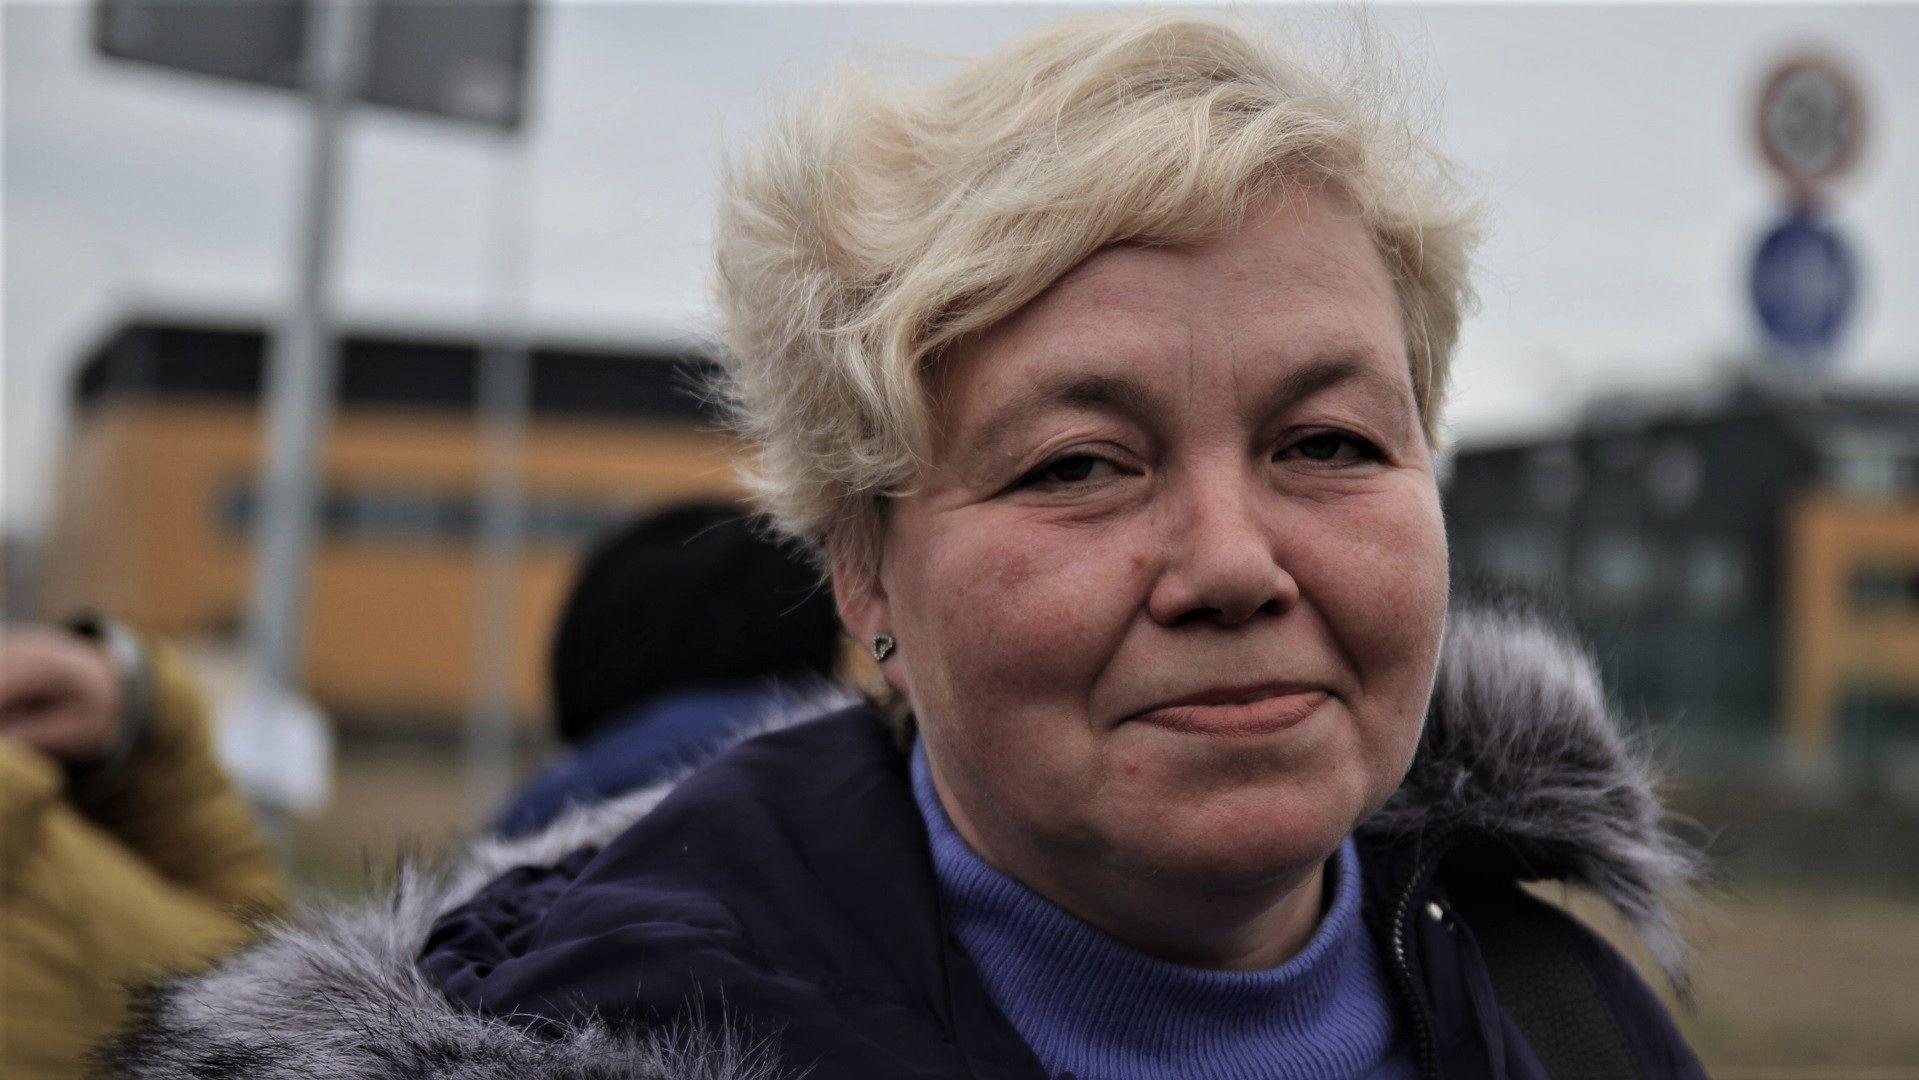 Natalia przyjechała ze Lwowa. Szuka pracy na bazarku w Piasecznie.